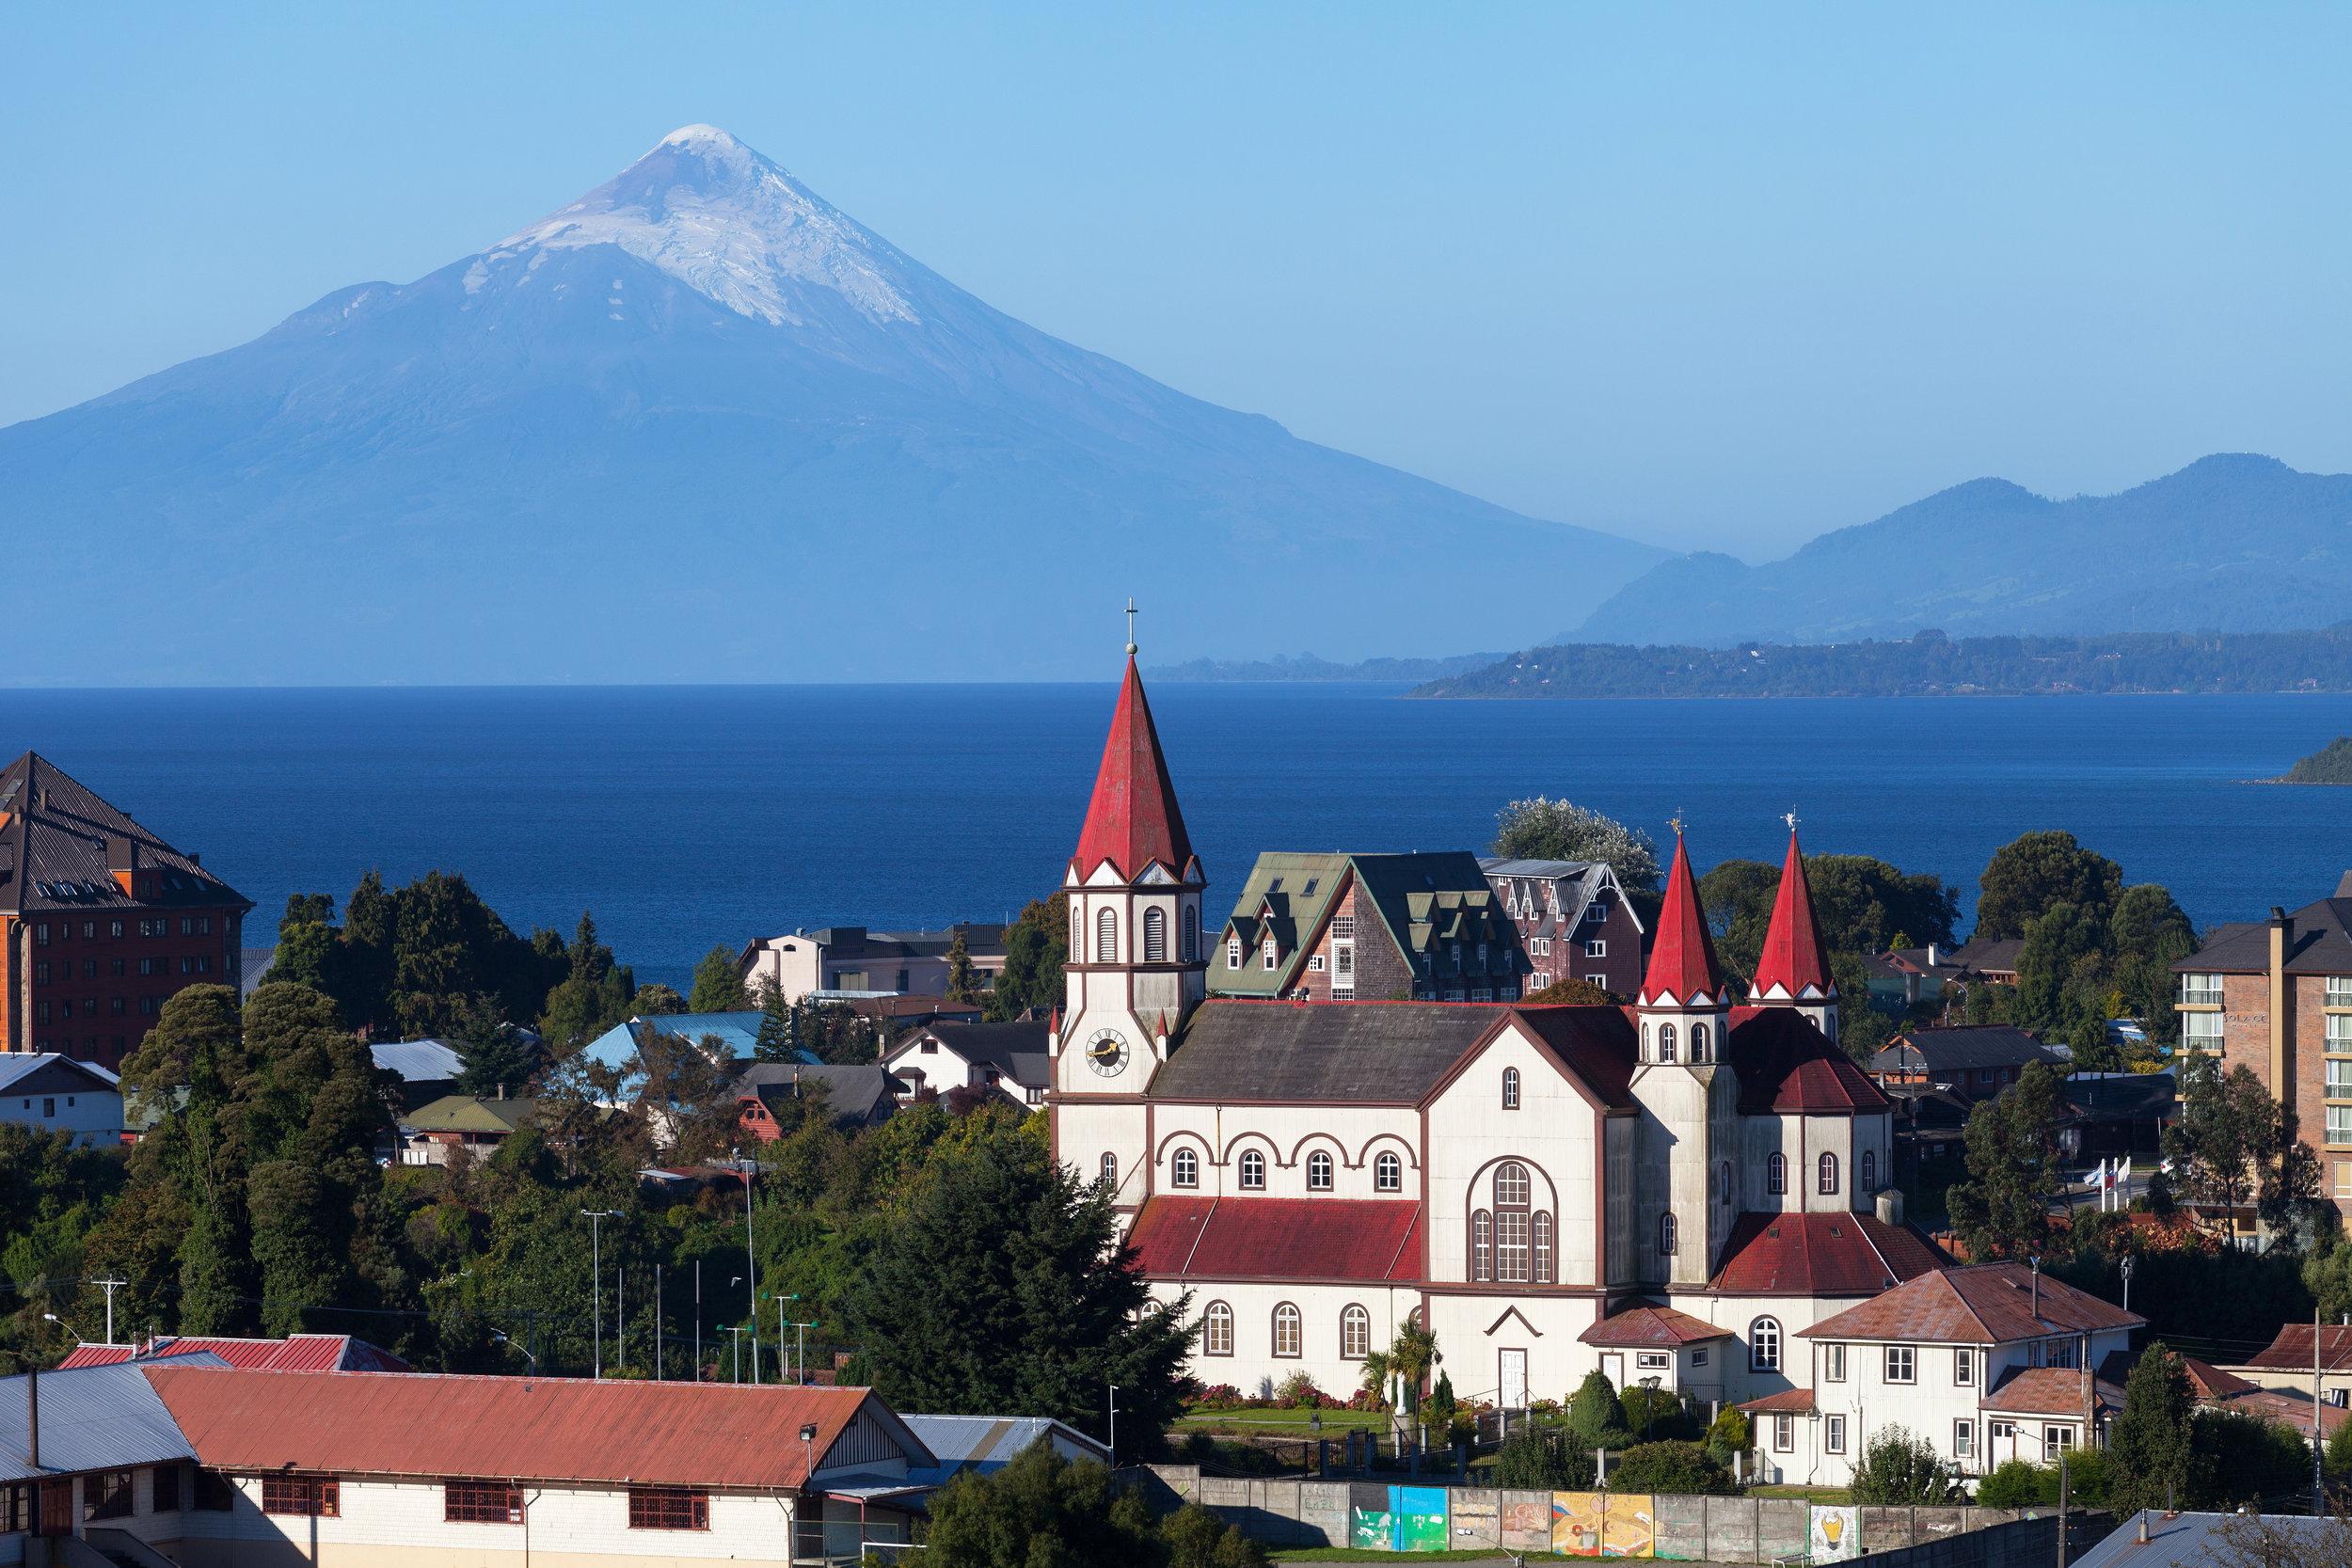 Rundreise i Chile - Et land av kontraster hvor du kan oppleve Osorno-vulkanen, Santiago m.m.